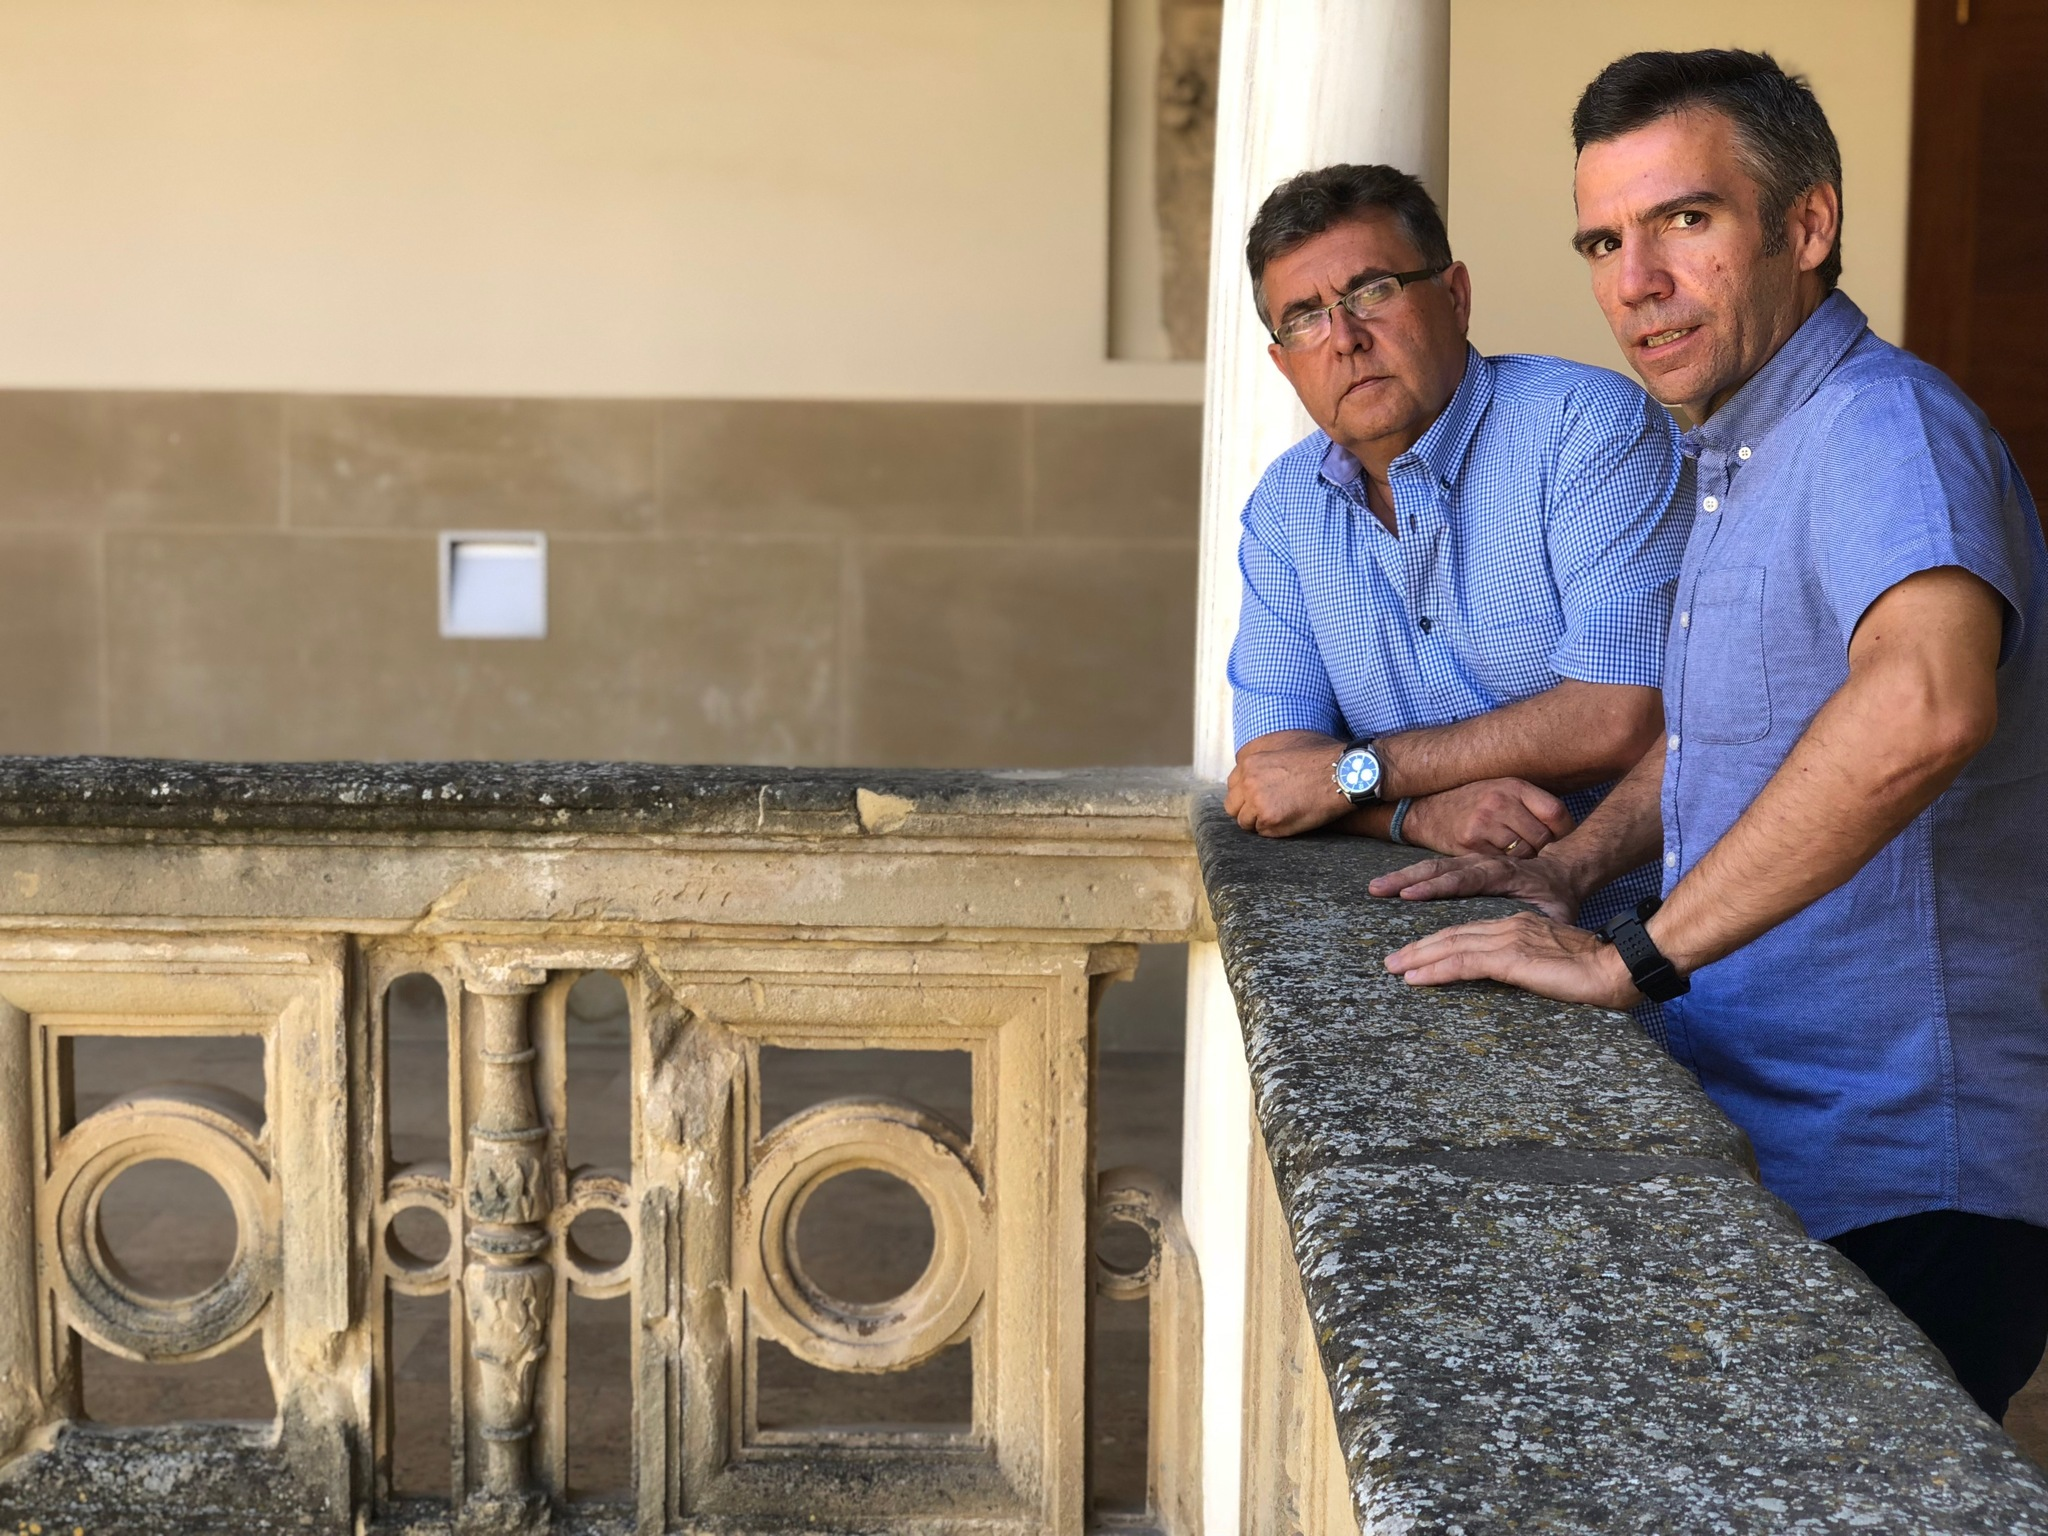 Los profesores Eugenio Cejudo y Francisco Navarro en la sede Antonio Machado de Baeza.